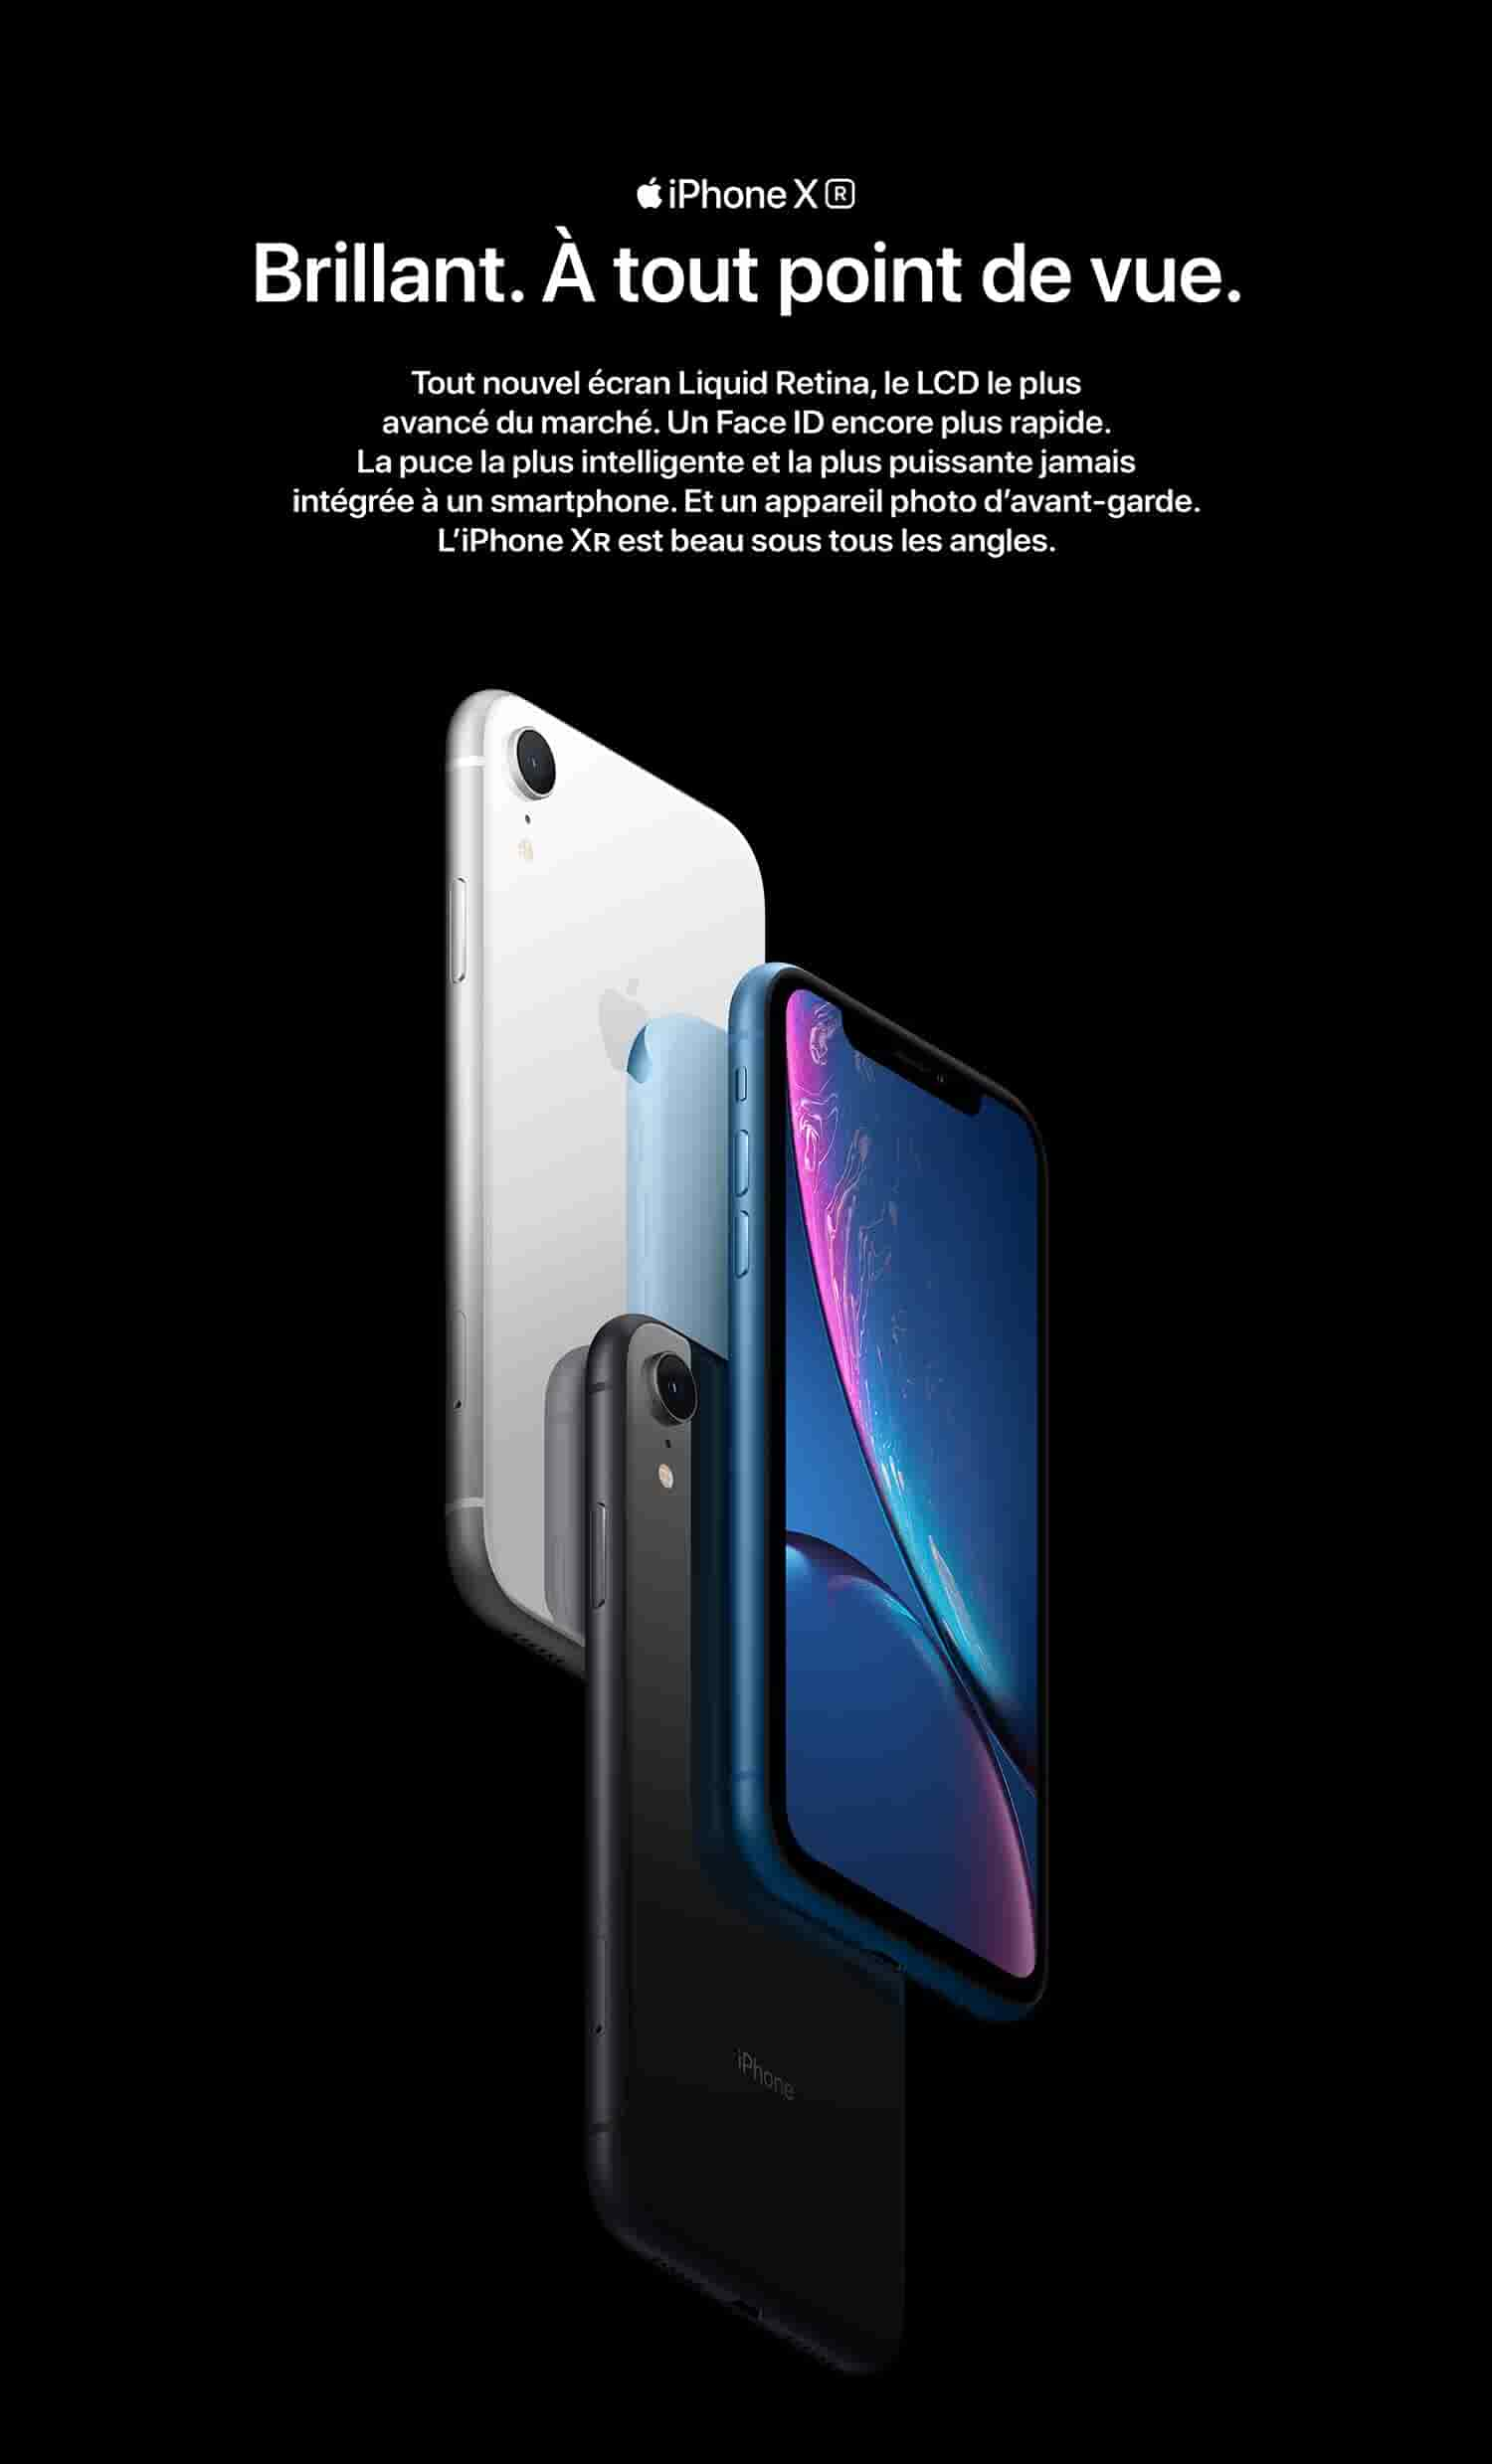 Apple iPhone XR (128Go) - Noir: Amazon.fr